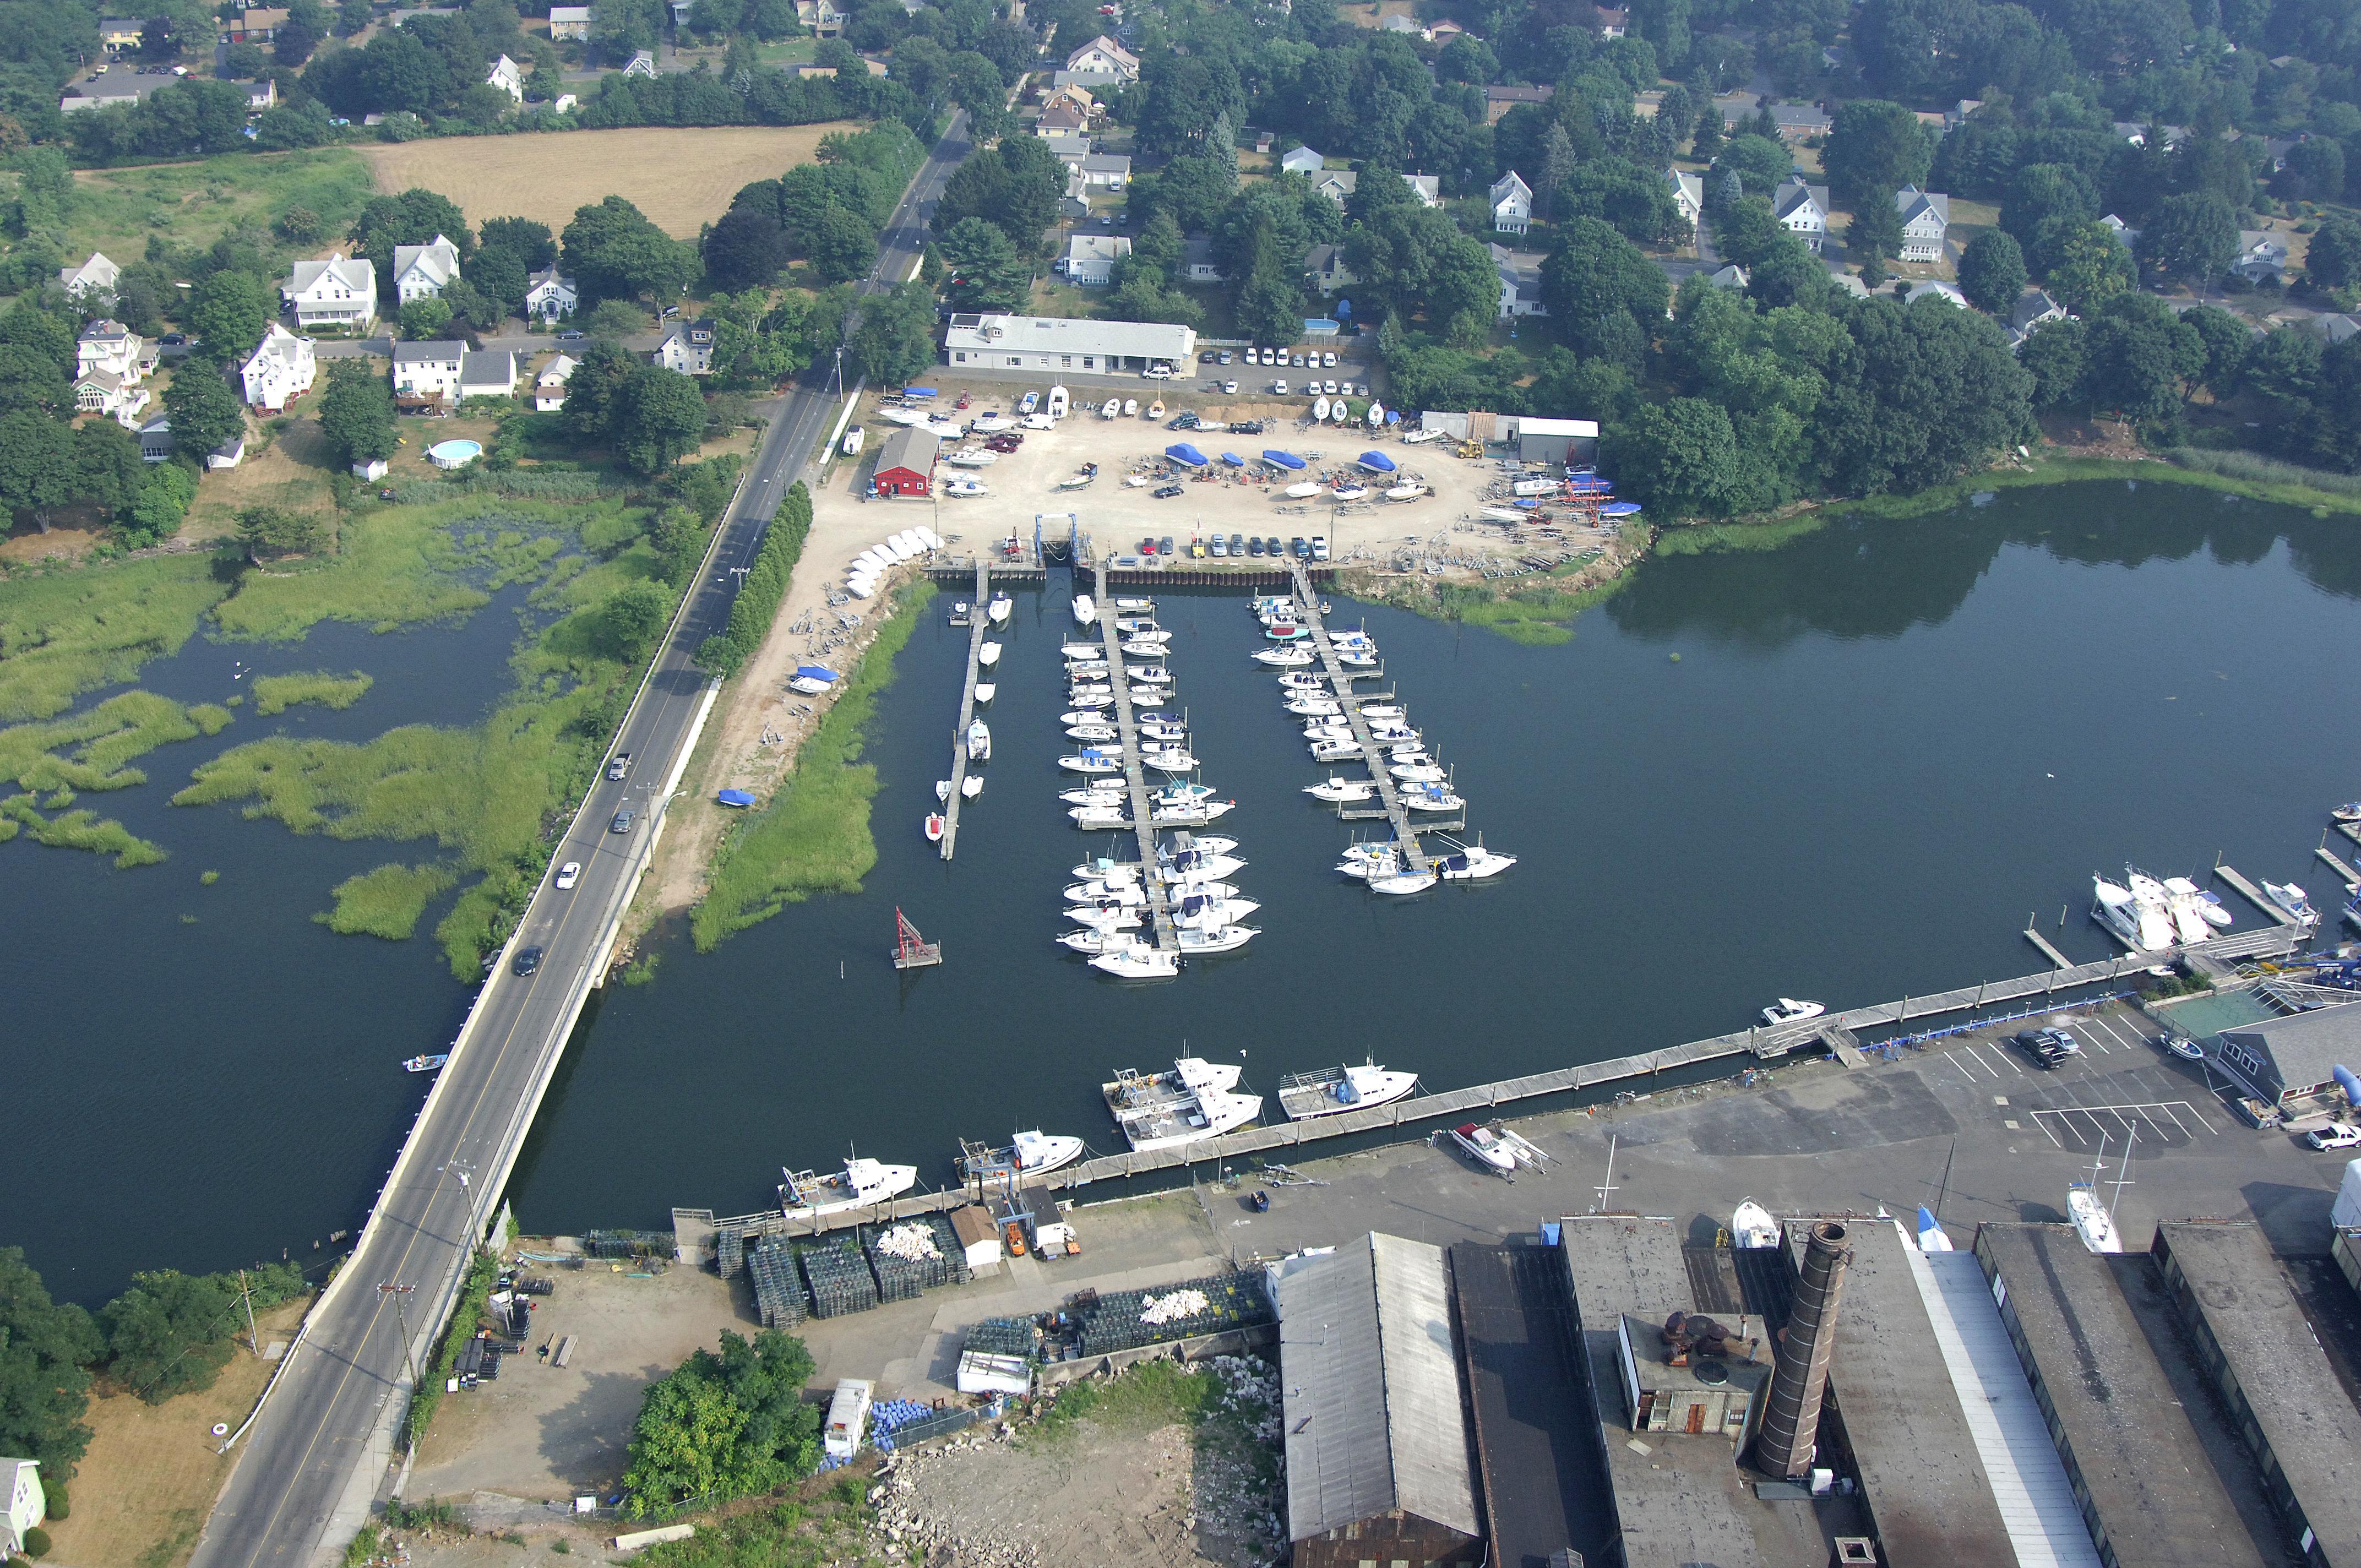 Birbarie Marine Yard in Branford, CT, United States - Marina Reviews - Phone Number - Marinas.com